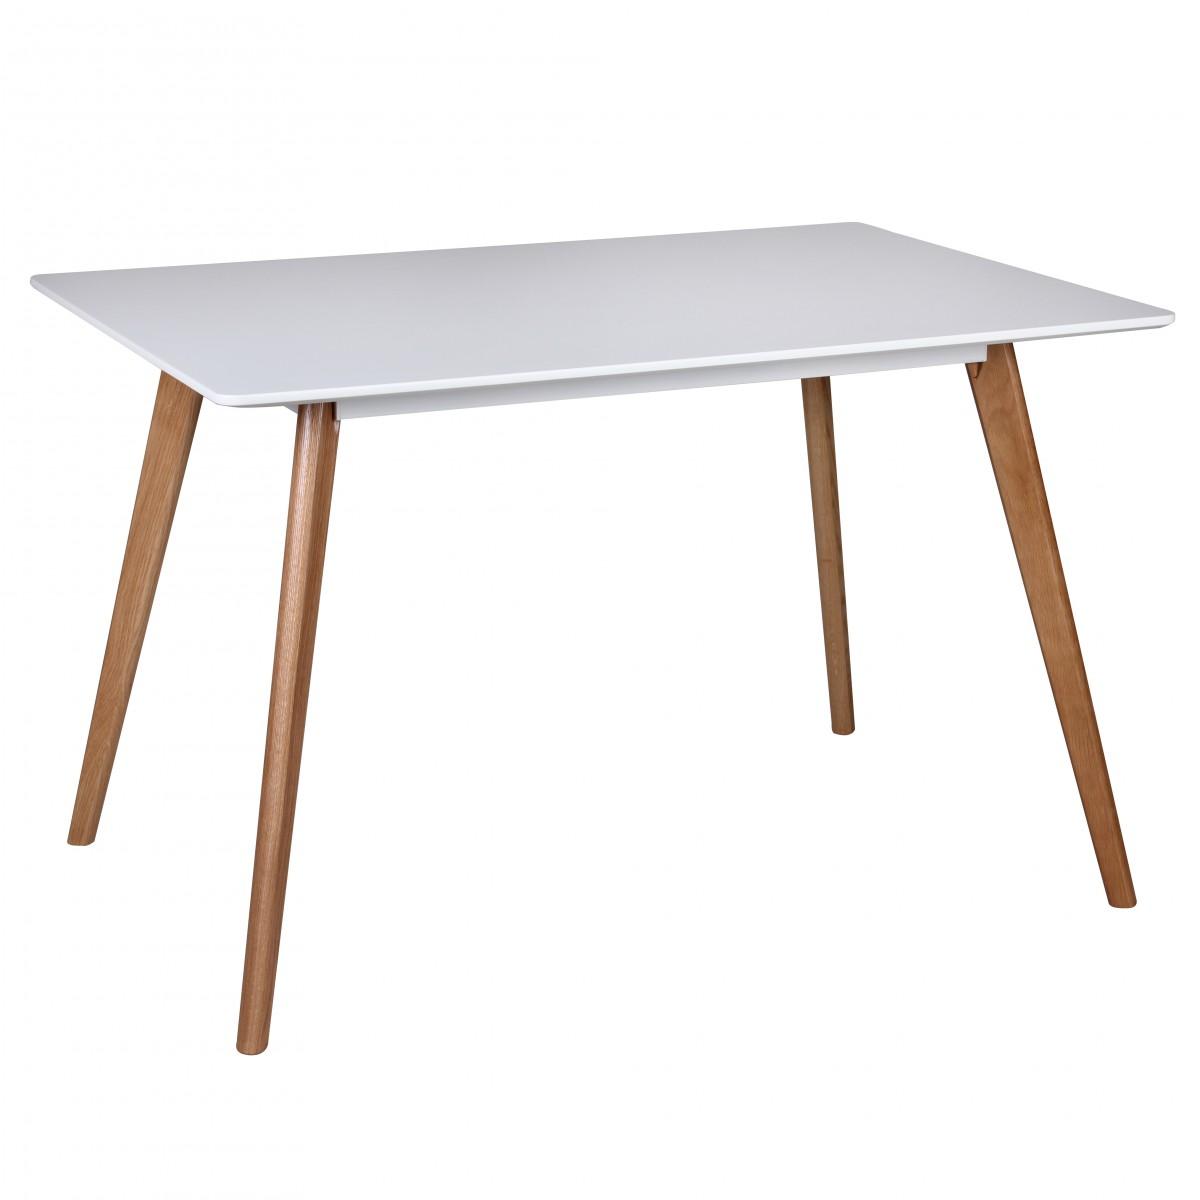 Esstisch Tisch - ELMAR - Vierfußtisch 120x80 cm MDF Weiss Matt ...